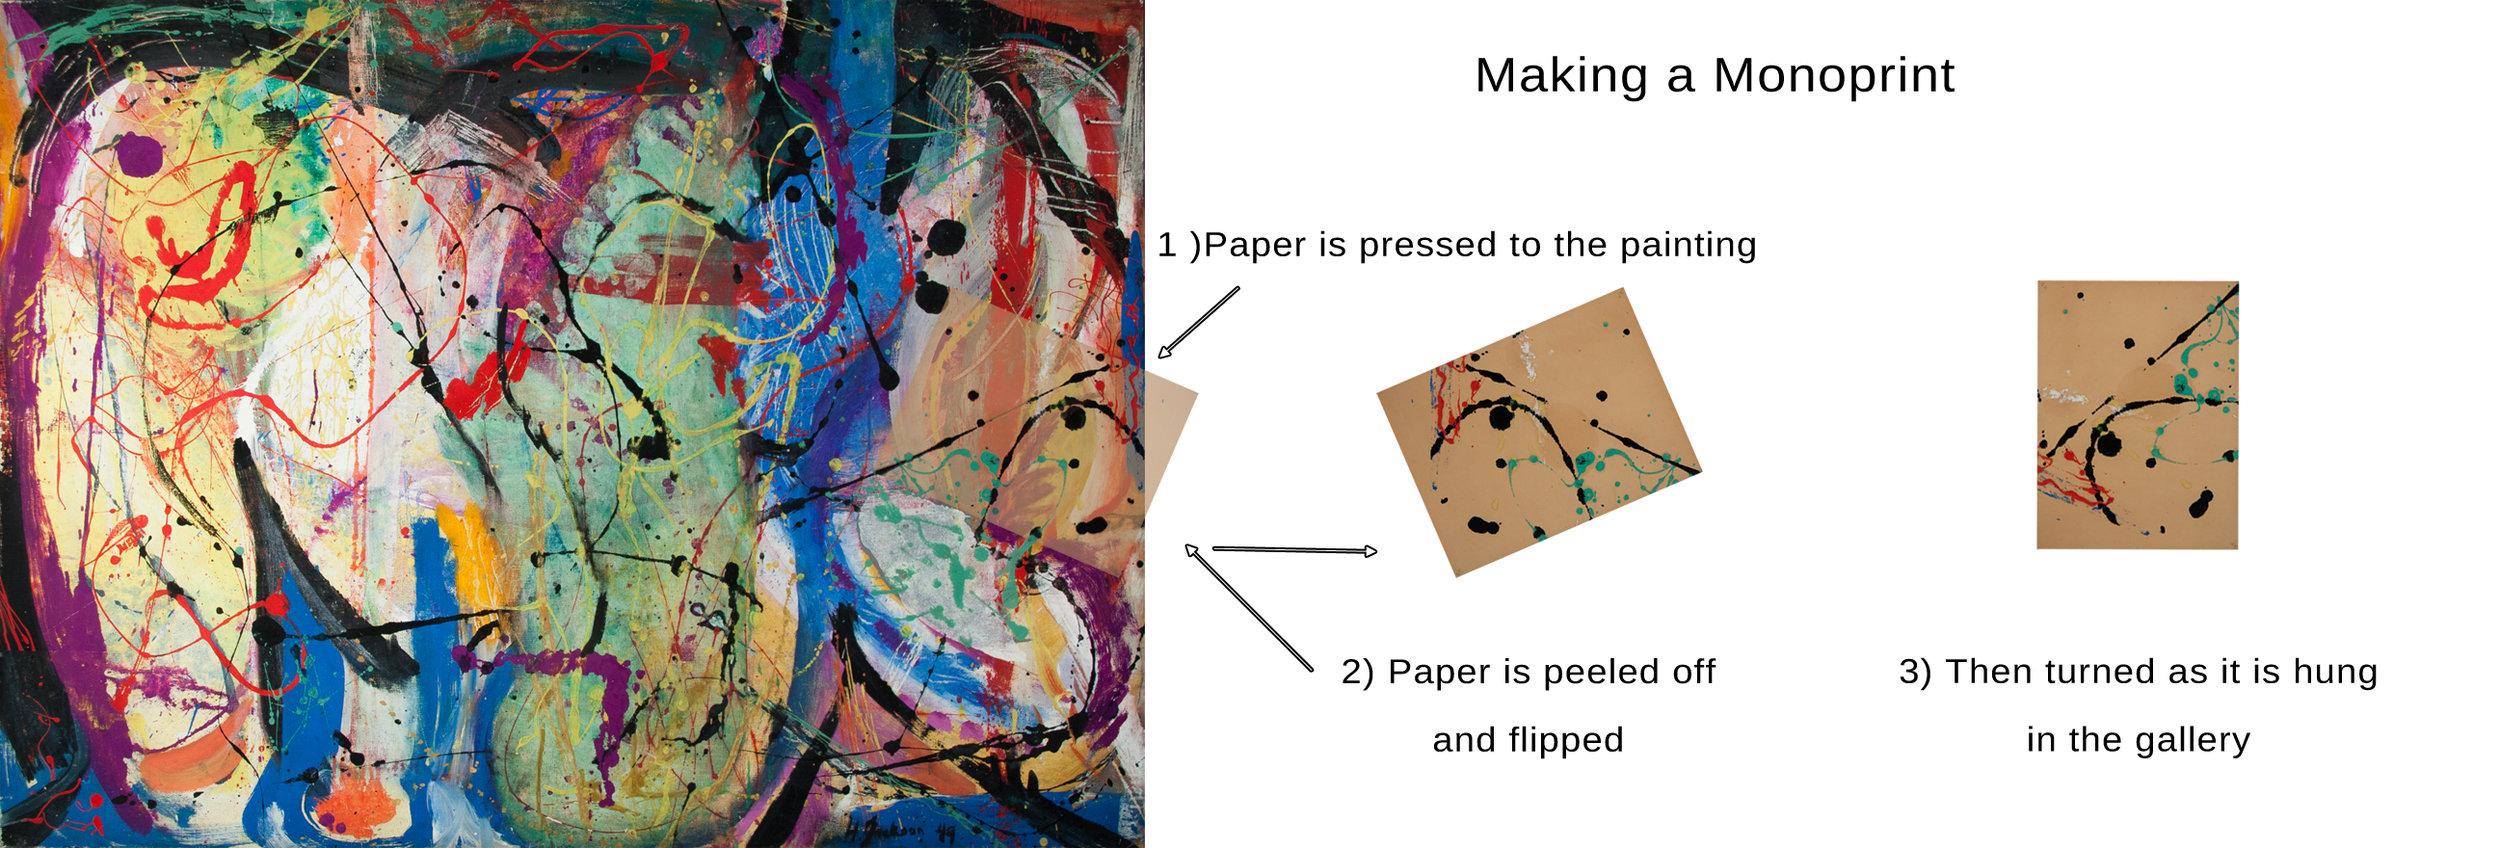 Making a Monoprint copy.jpg